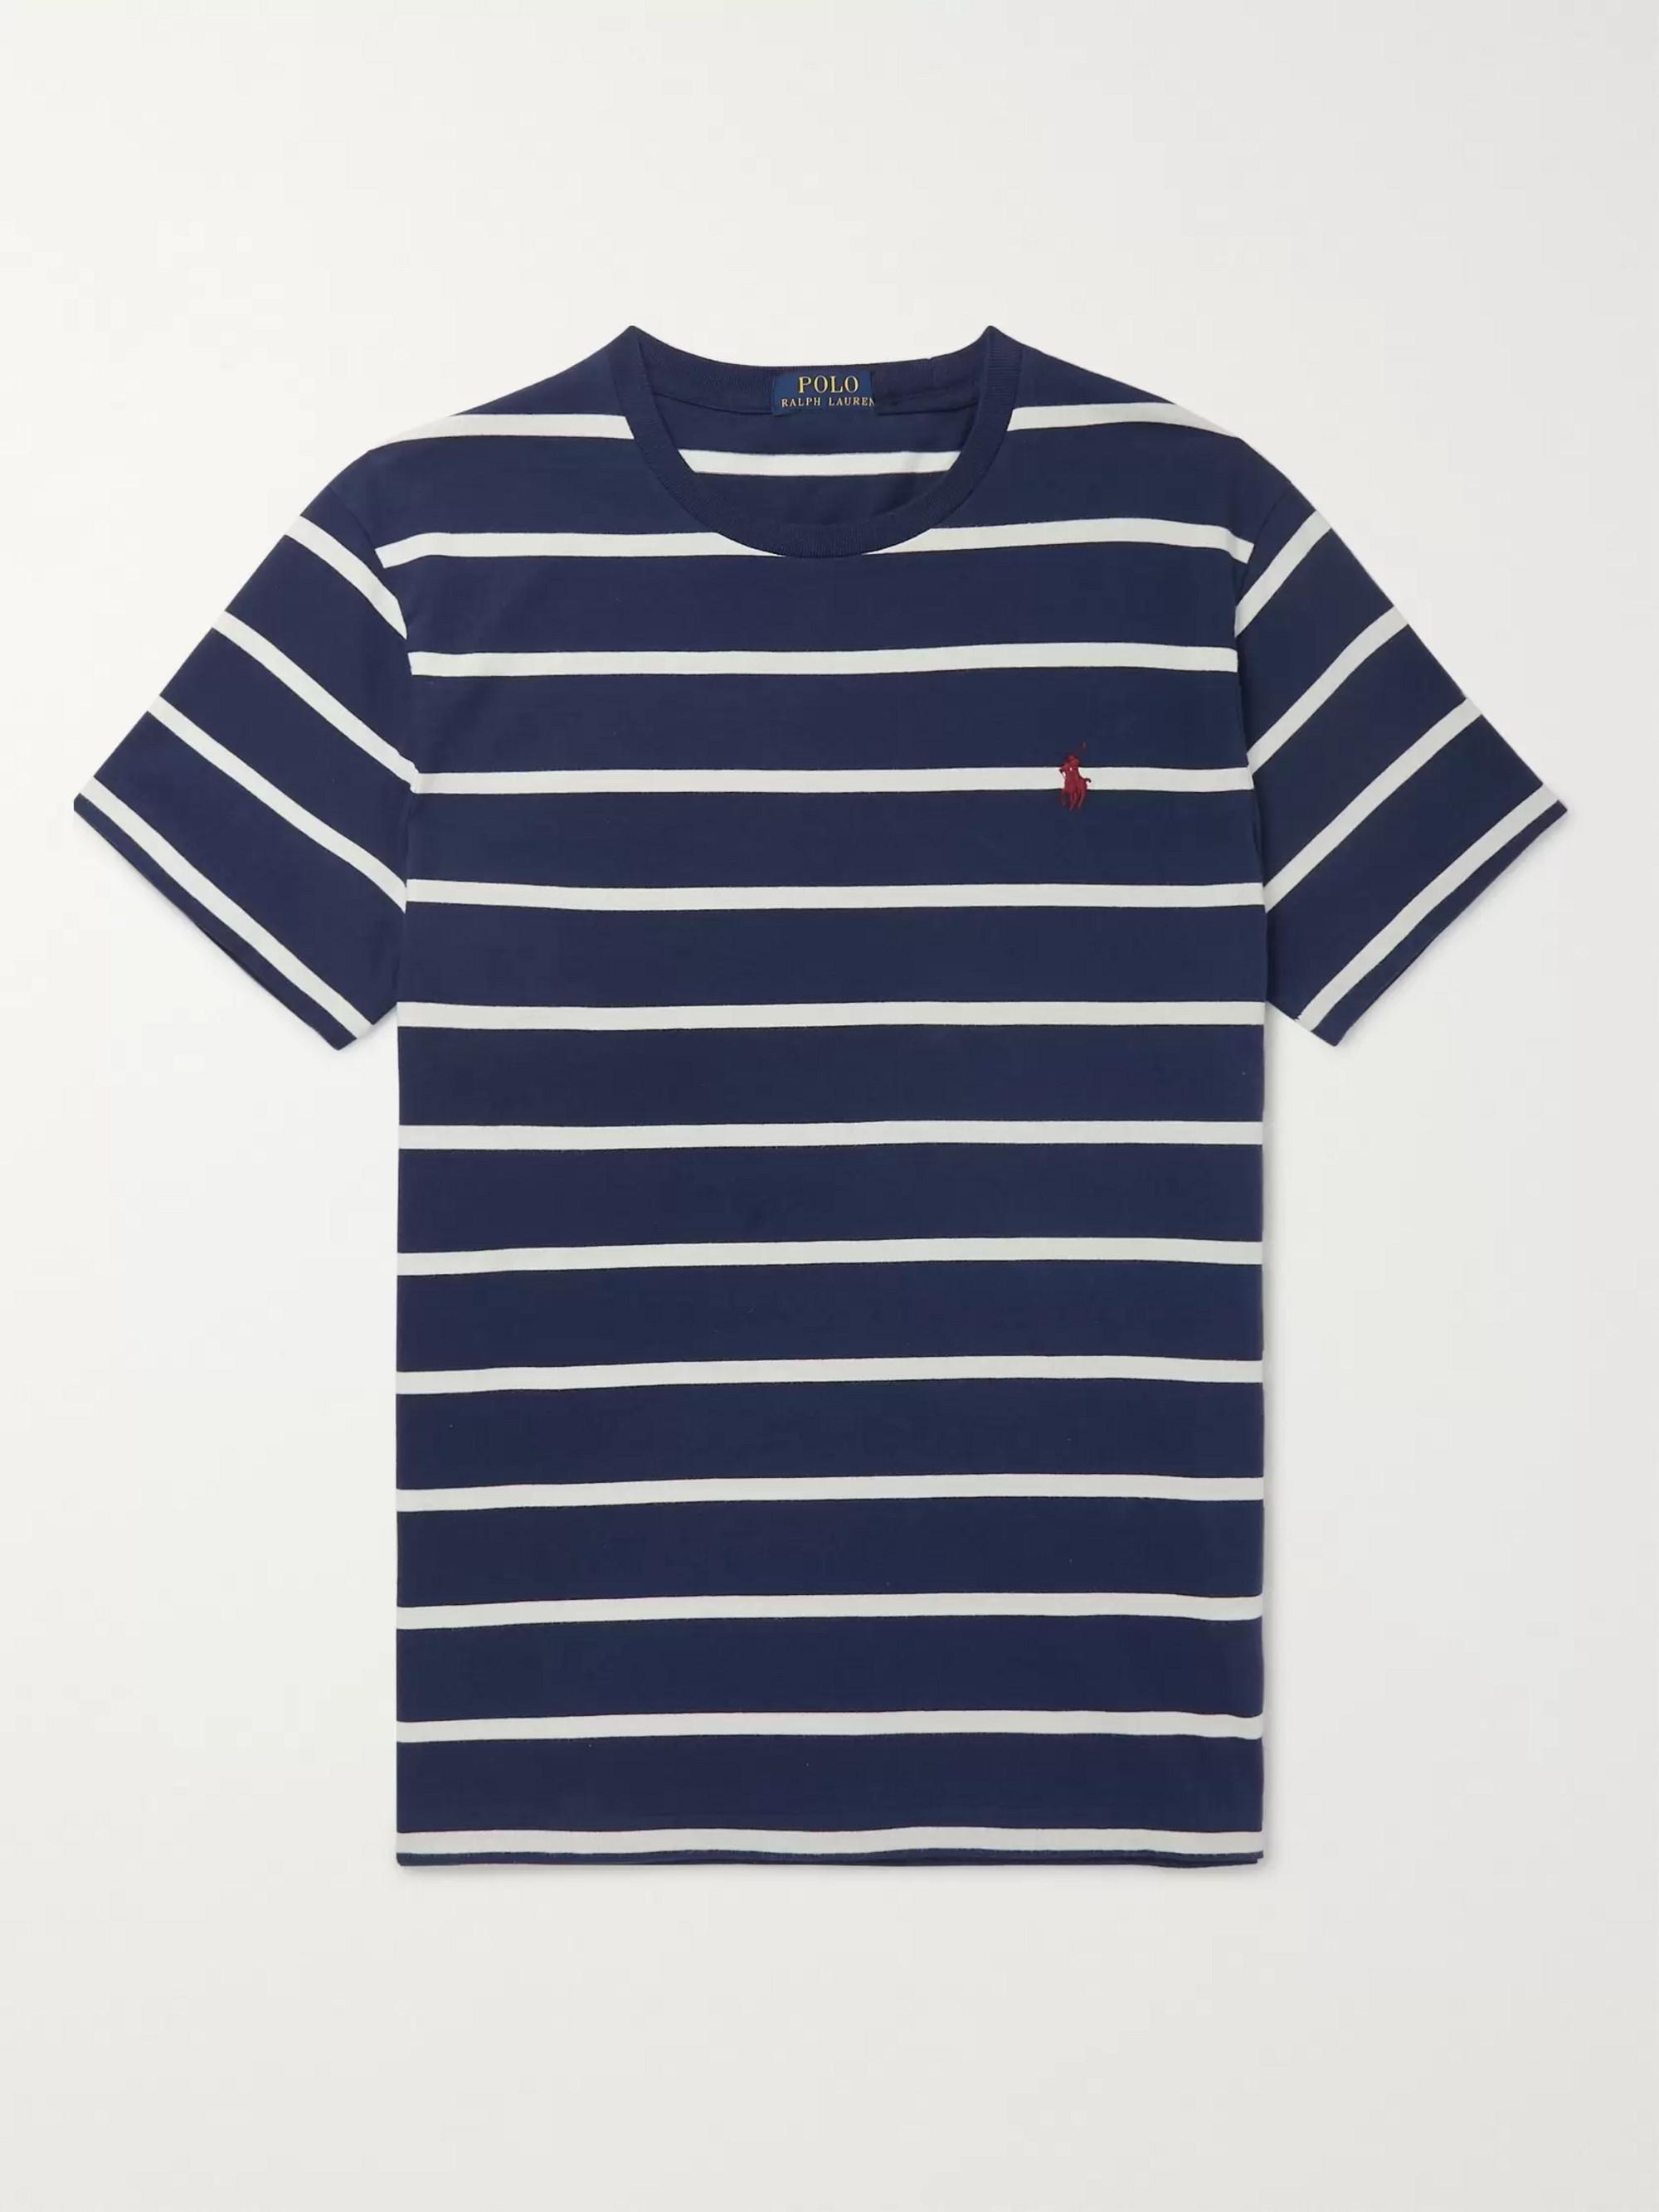 1e31d1b90486 Navy Slim-Fit Striped Cotton-Jersey T-Shirt | Polo Ralph Lauren | MR ...